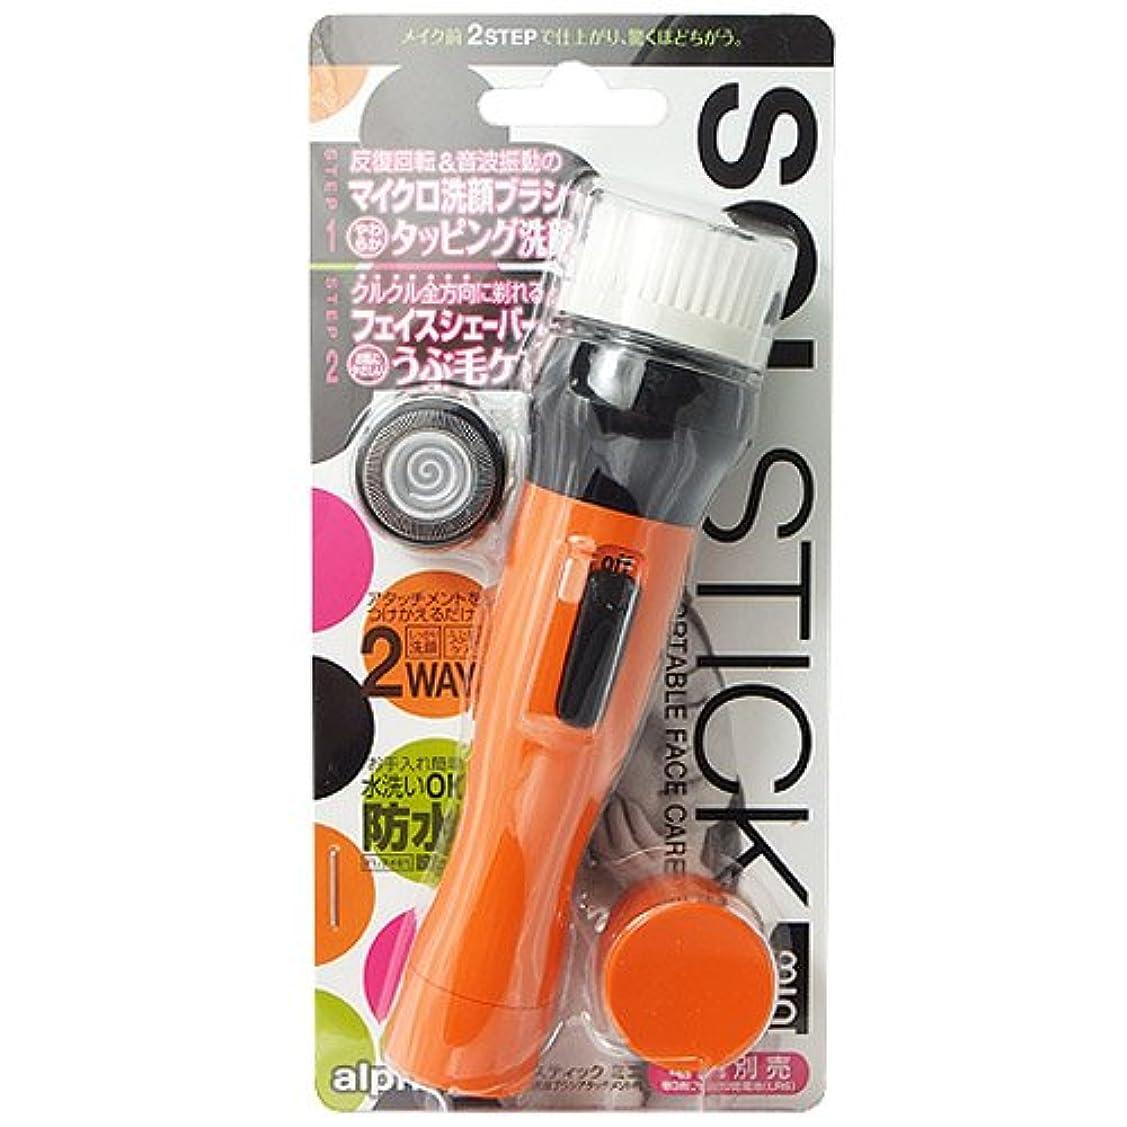 シソーラストークン見落とすアルファP  ソルスティック ミニ マイクロ洗顔ブラシアタッチメント付  オレンジ